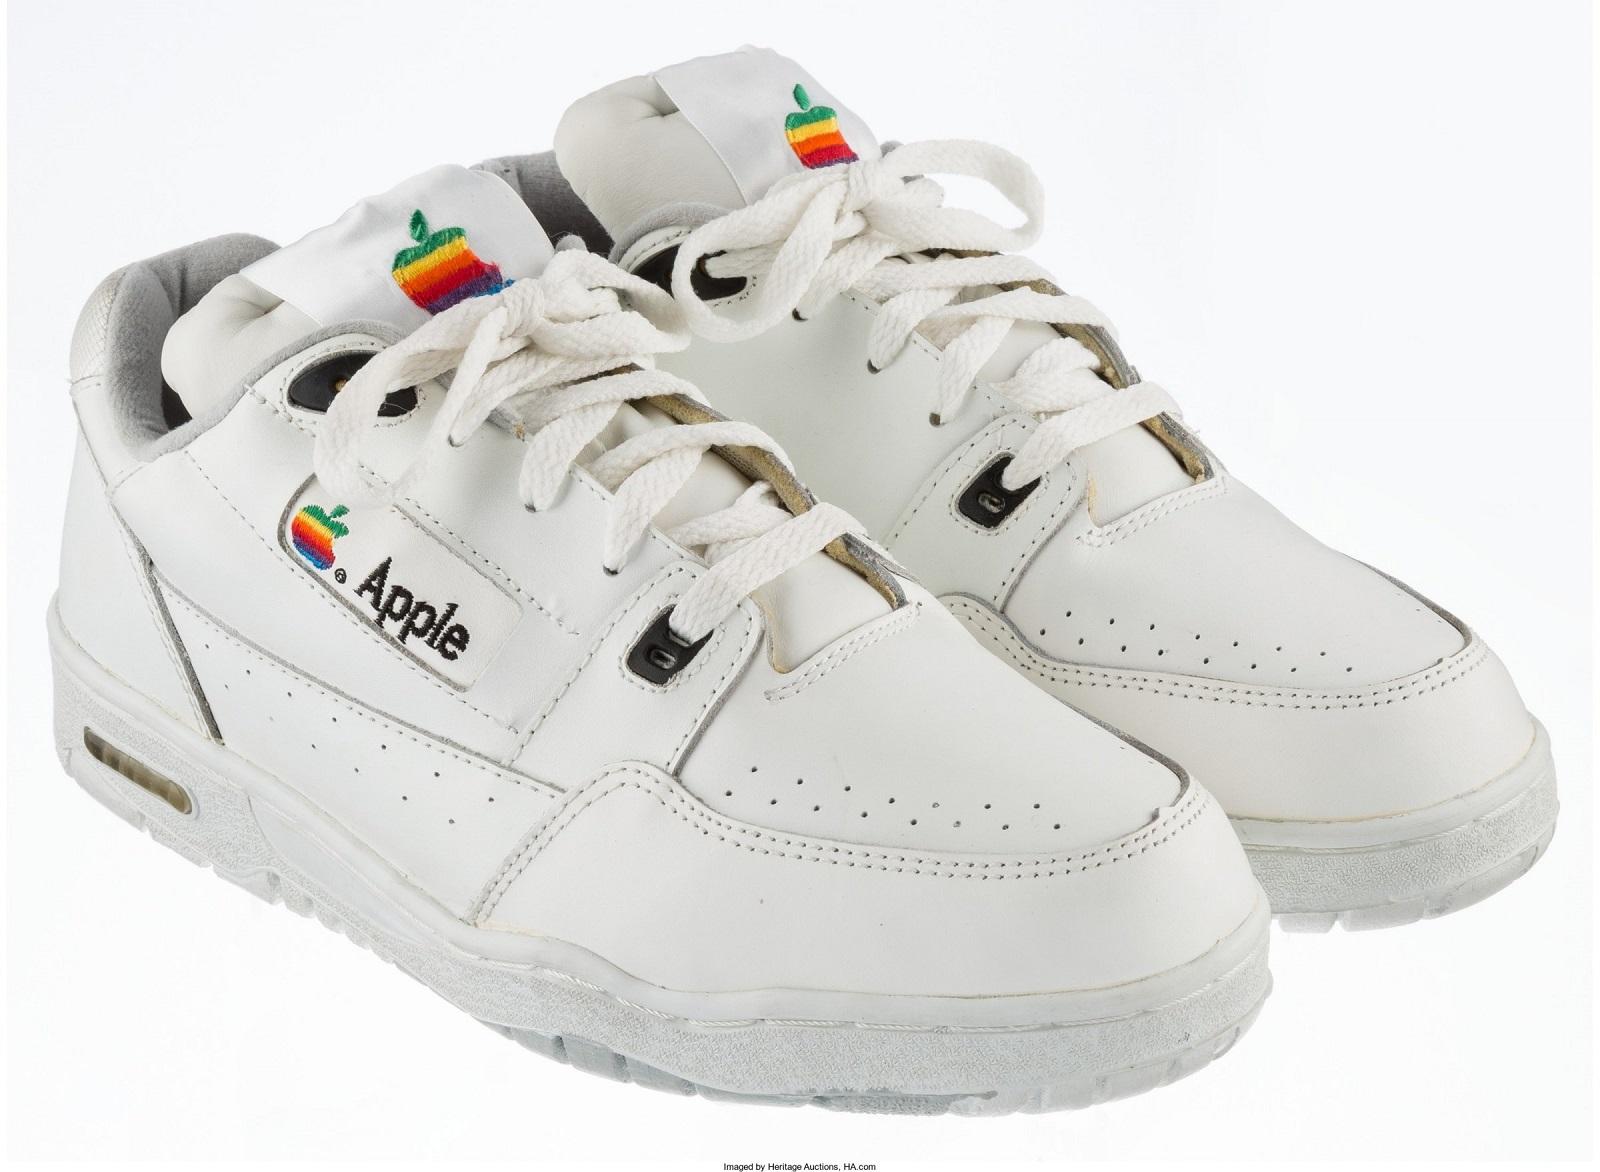 Apple'ın 90'lı Yıllarda Ürettiği Spor Ayakkabı, Açık Artırma ile Satılıyor